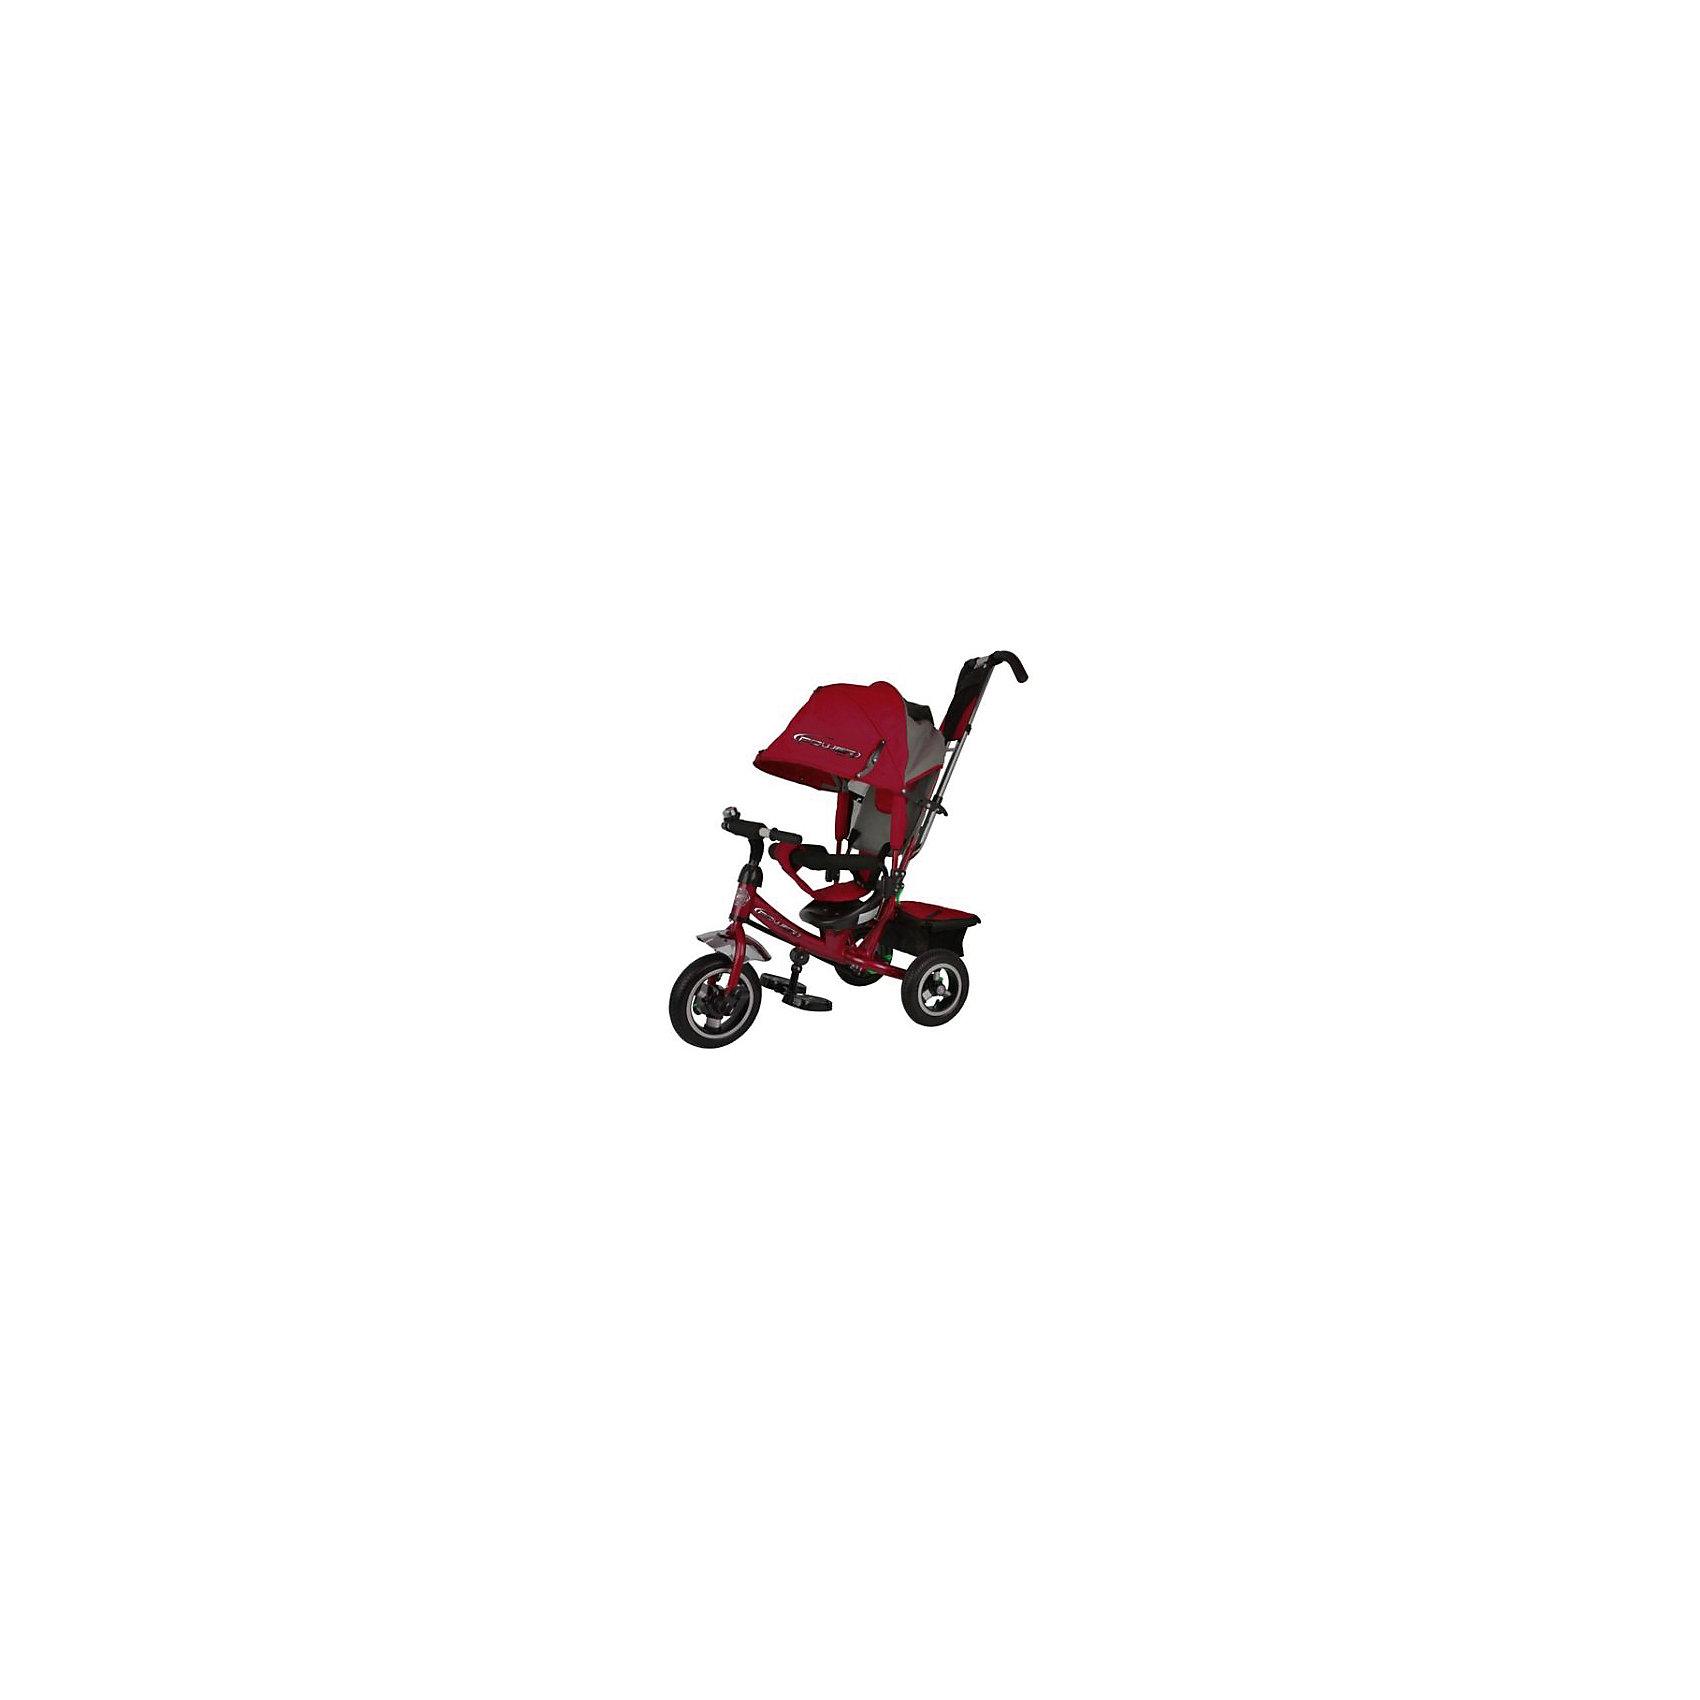 Трехколесный велосипед, бордовый, PowerВелосипеды детские<br><br><br>Ширина мм: 620<br>Глубина мм: 280<br>Высота мм: 400<br>Вес г: 12000<br>Возраст от месяцев: 12<br>Возраст до месяцев: 48<br>Пол: Унисекс<br>Возраст: Детский<br>SKU: 6768032